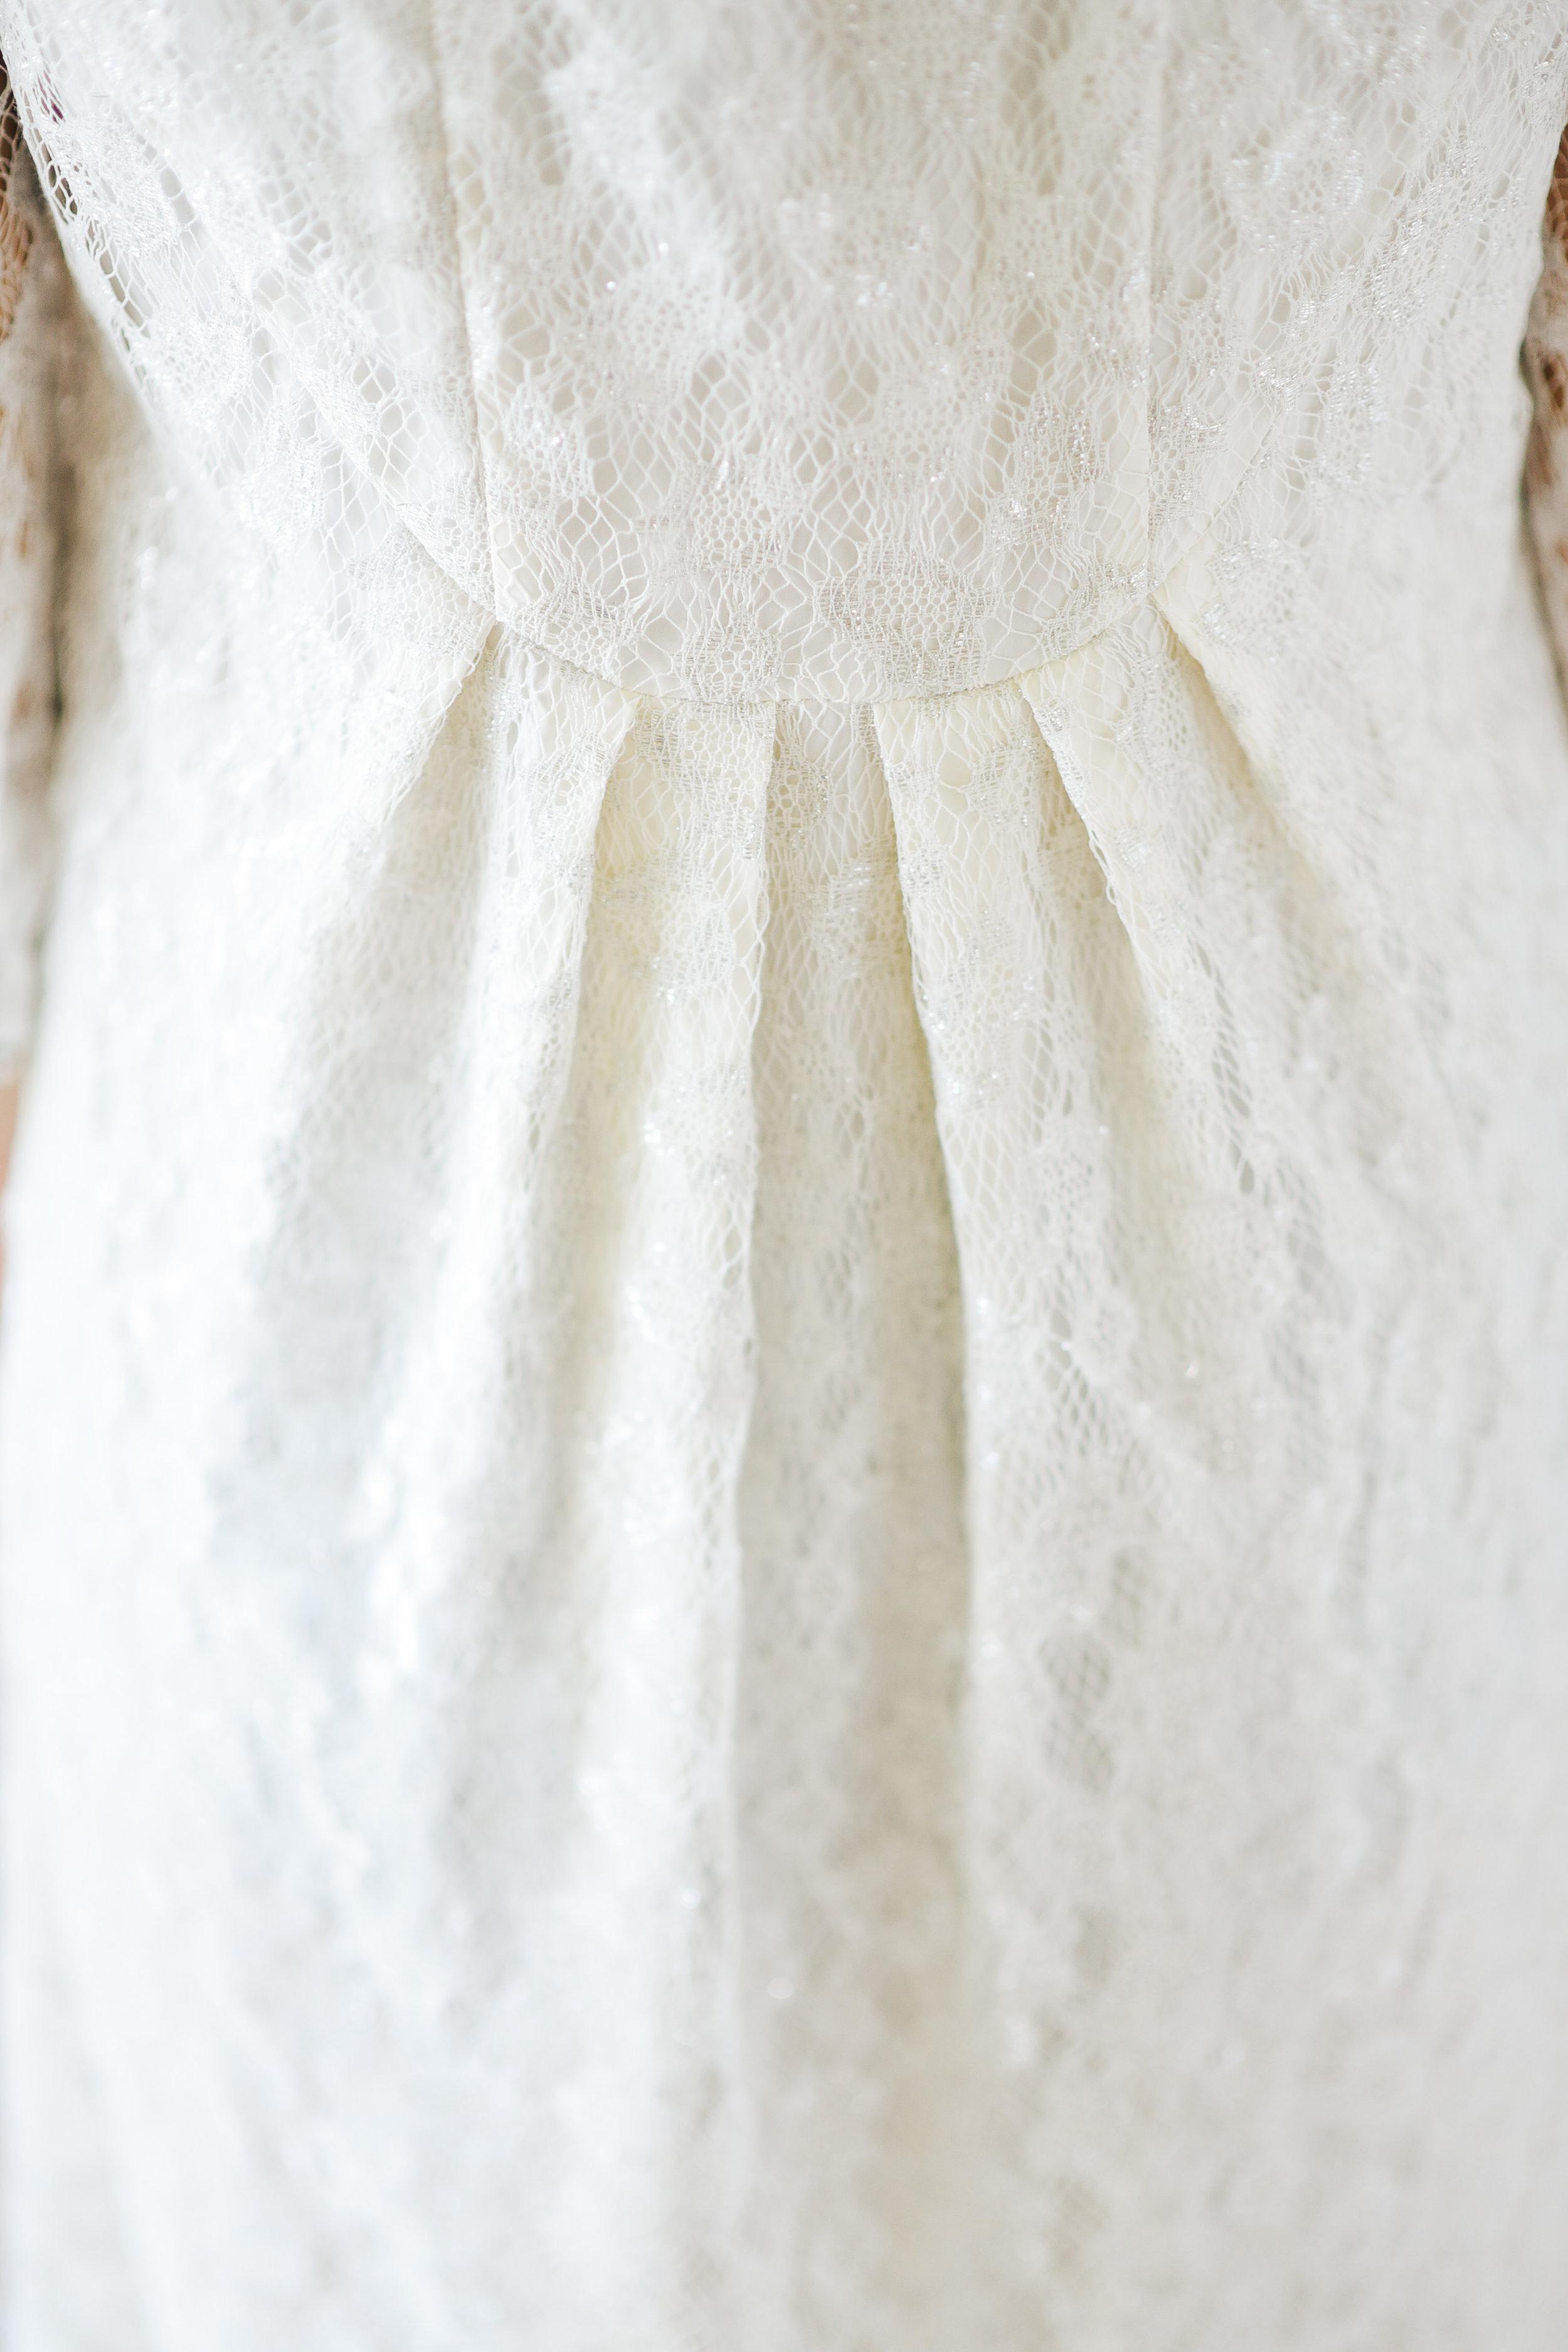 dress2_6.jpg